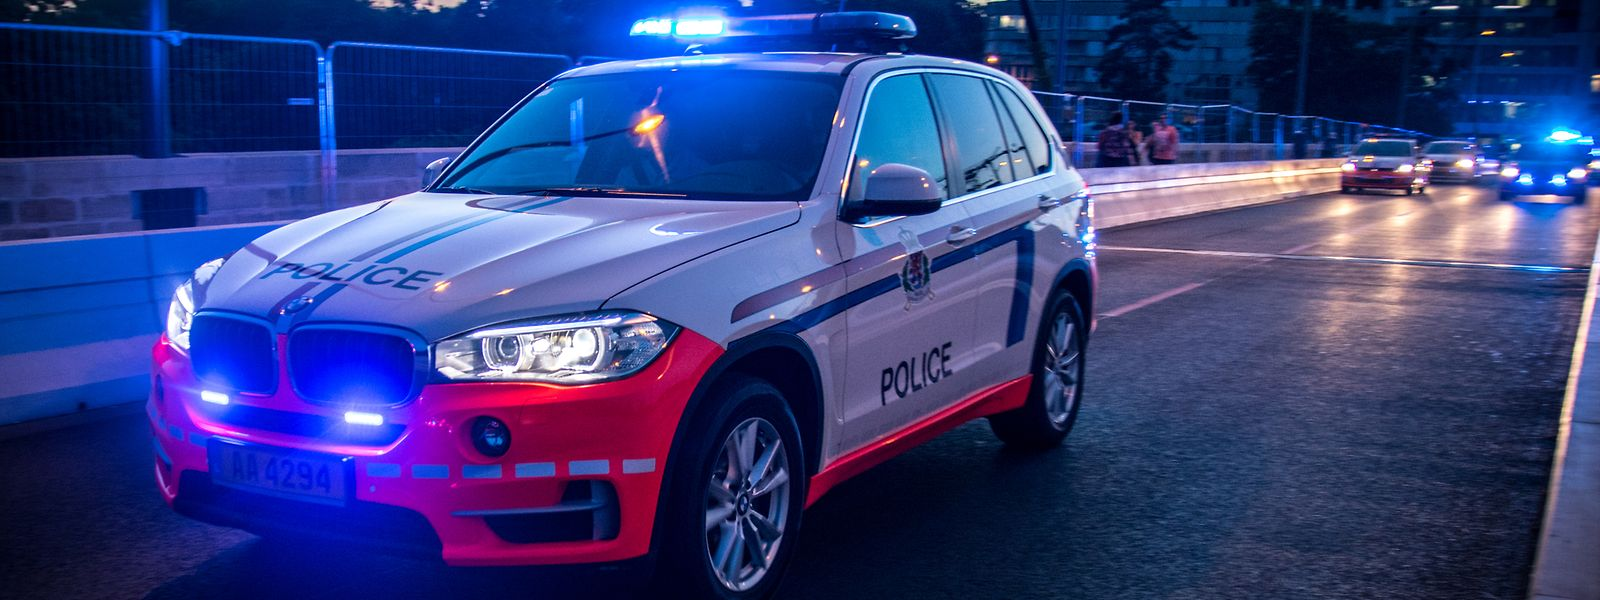 Die Verkehrspolizisten haben Mühe, den flüchtenden Raser einzuholen. Nach acht Kilometern endet die Verfolgungsfahrt, als die Beamten mit ihrem Dienst-SUV verunglücken.